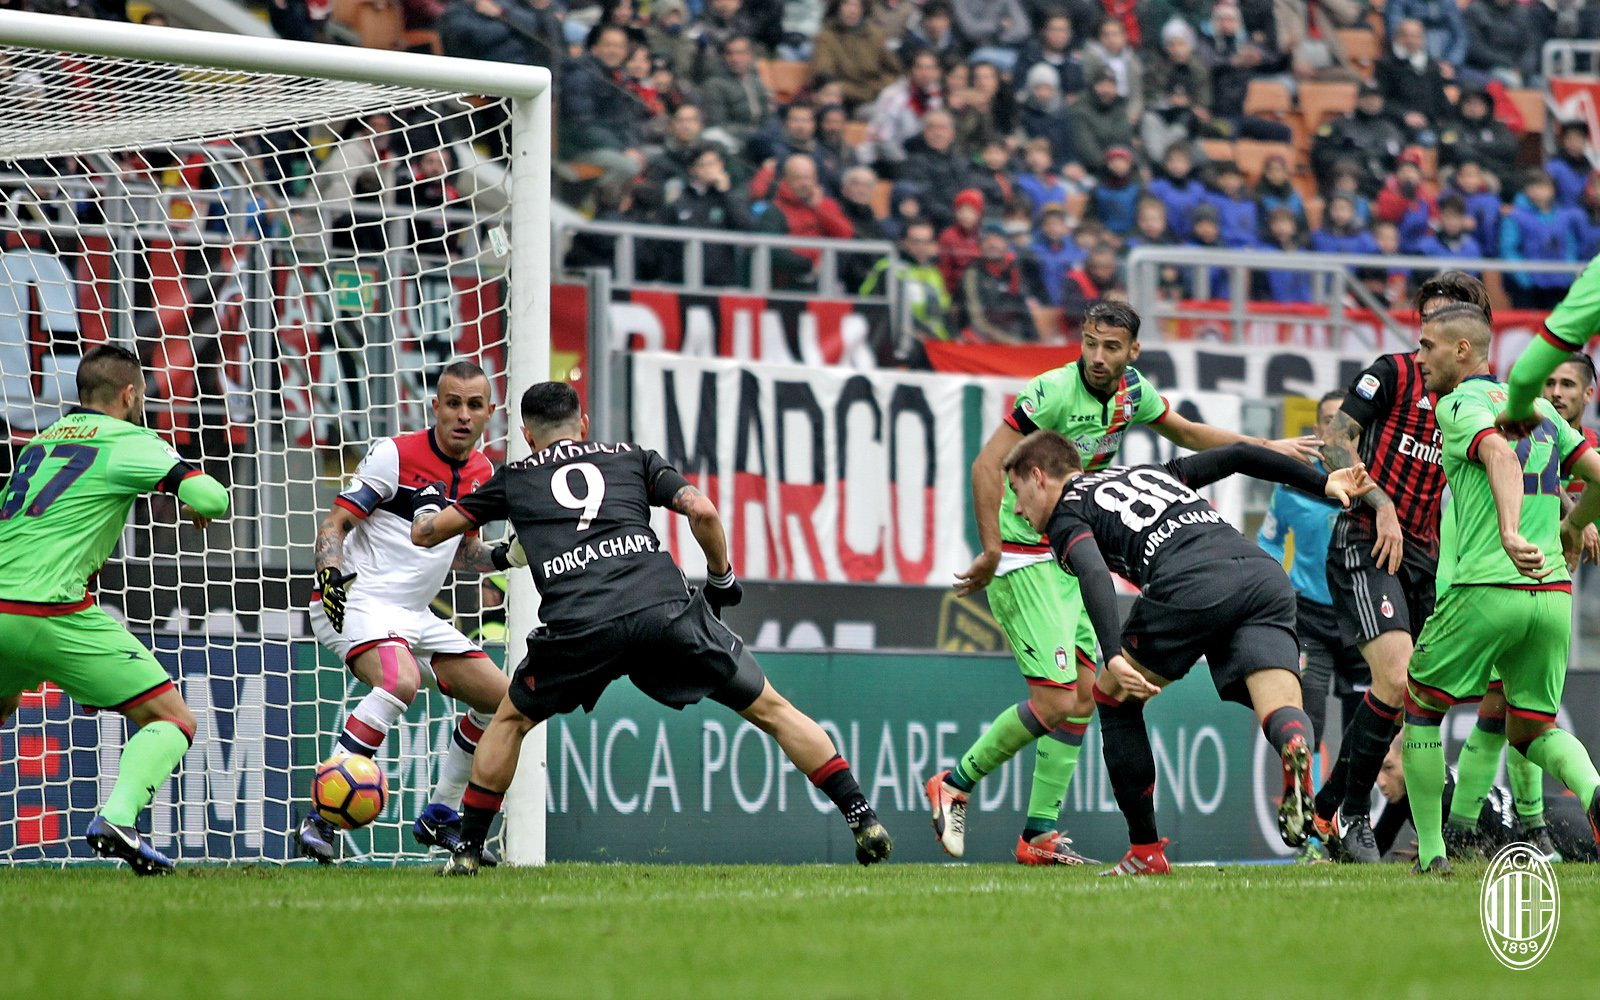 Thắng kịch tính nhờ bóng chết, AC Milan chỉ còn cách ngôi đầu 4 điểm